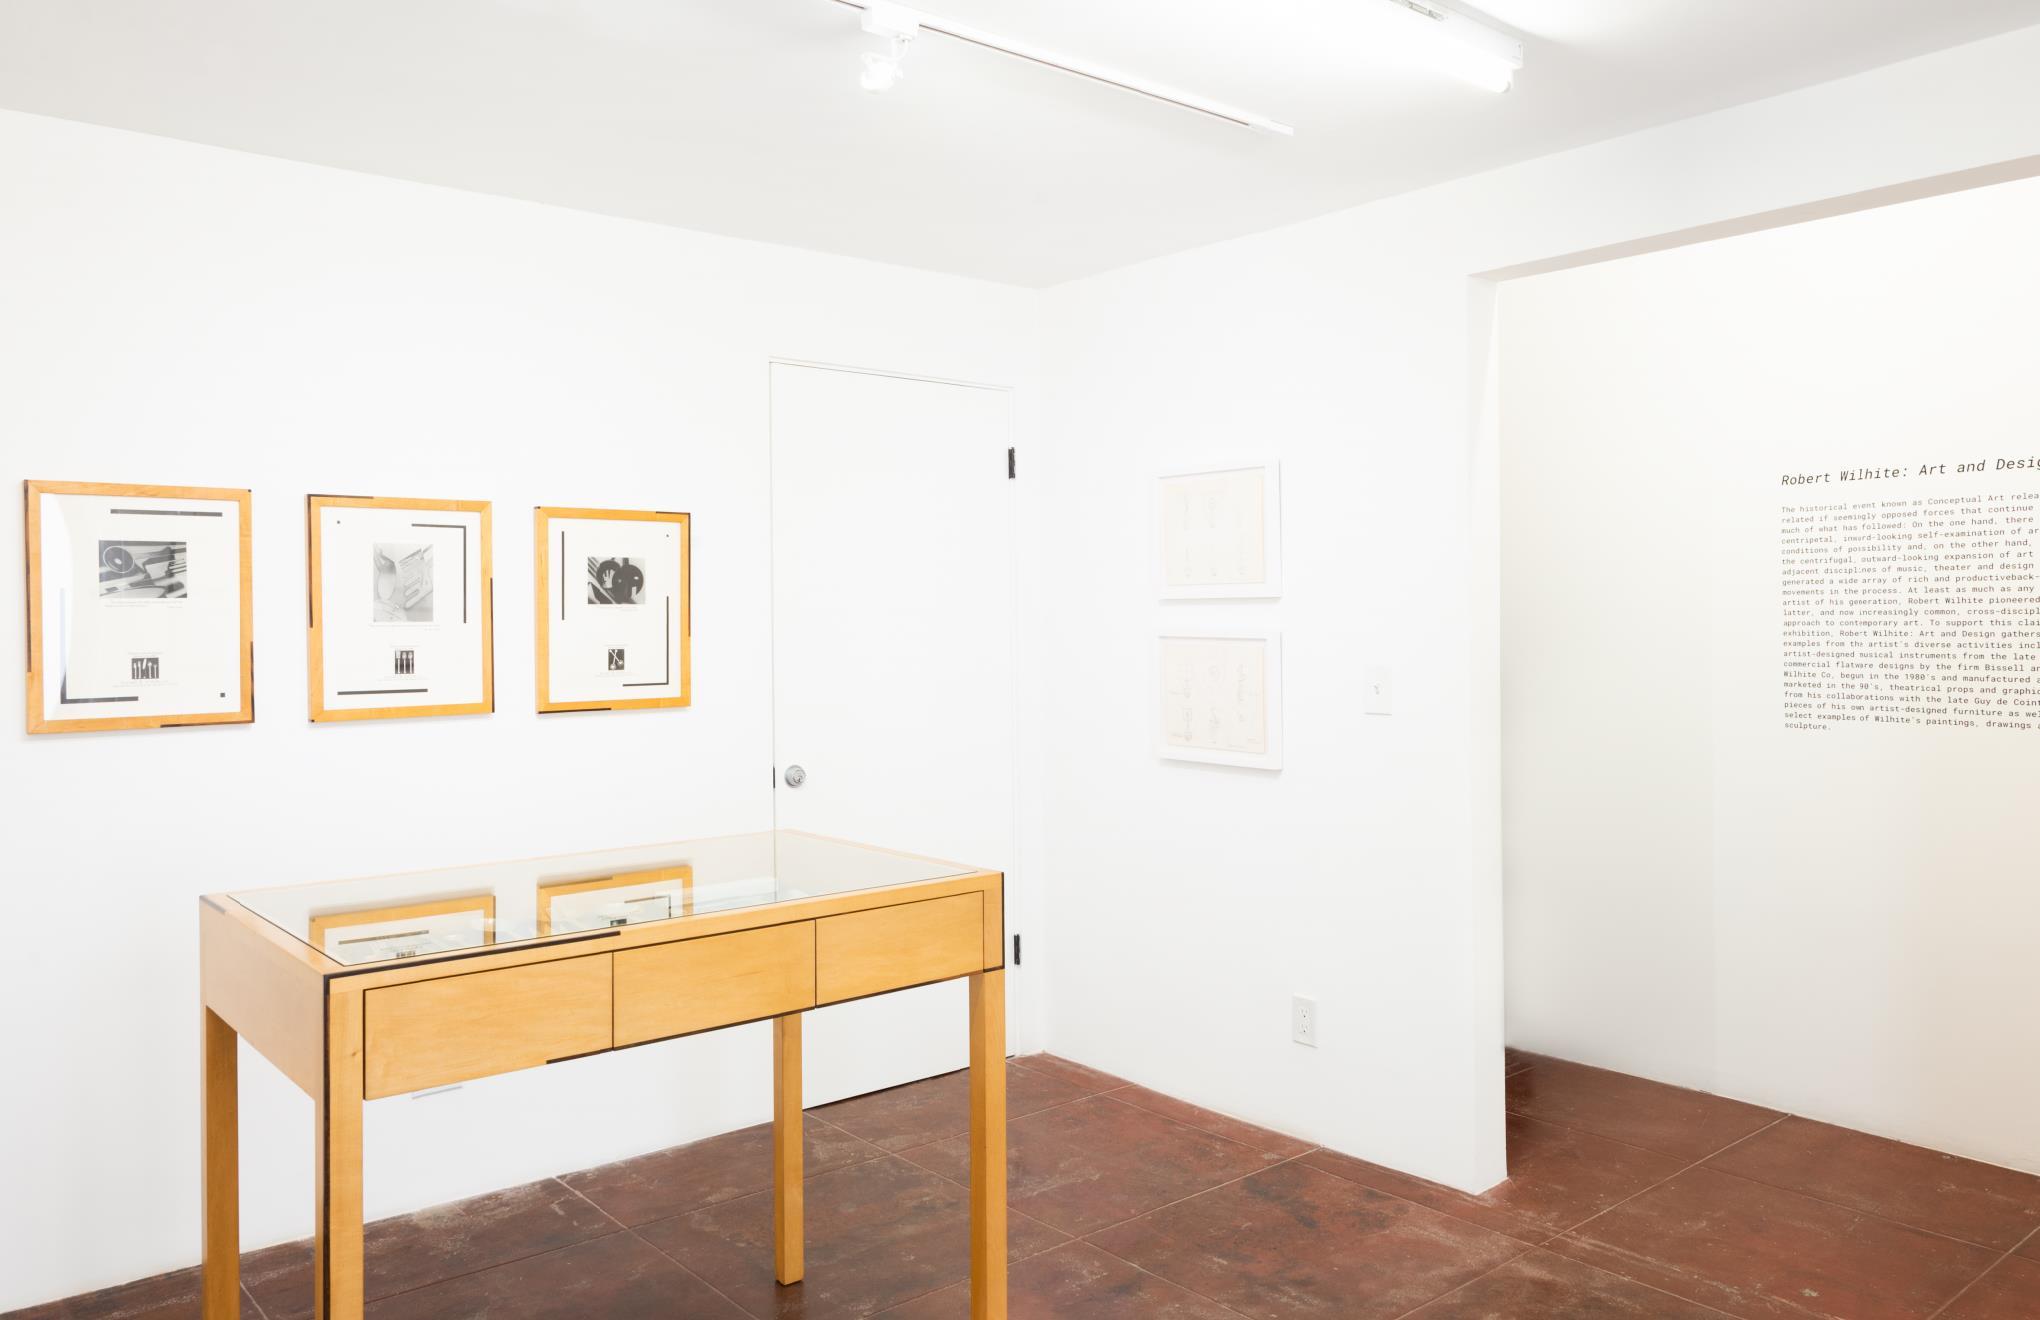 installation view no.1